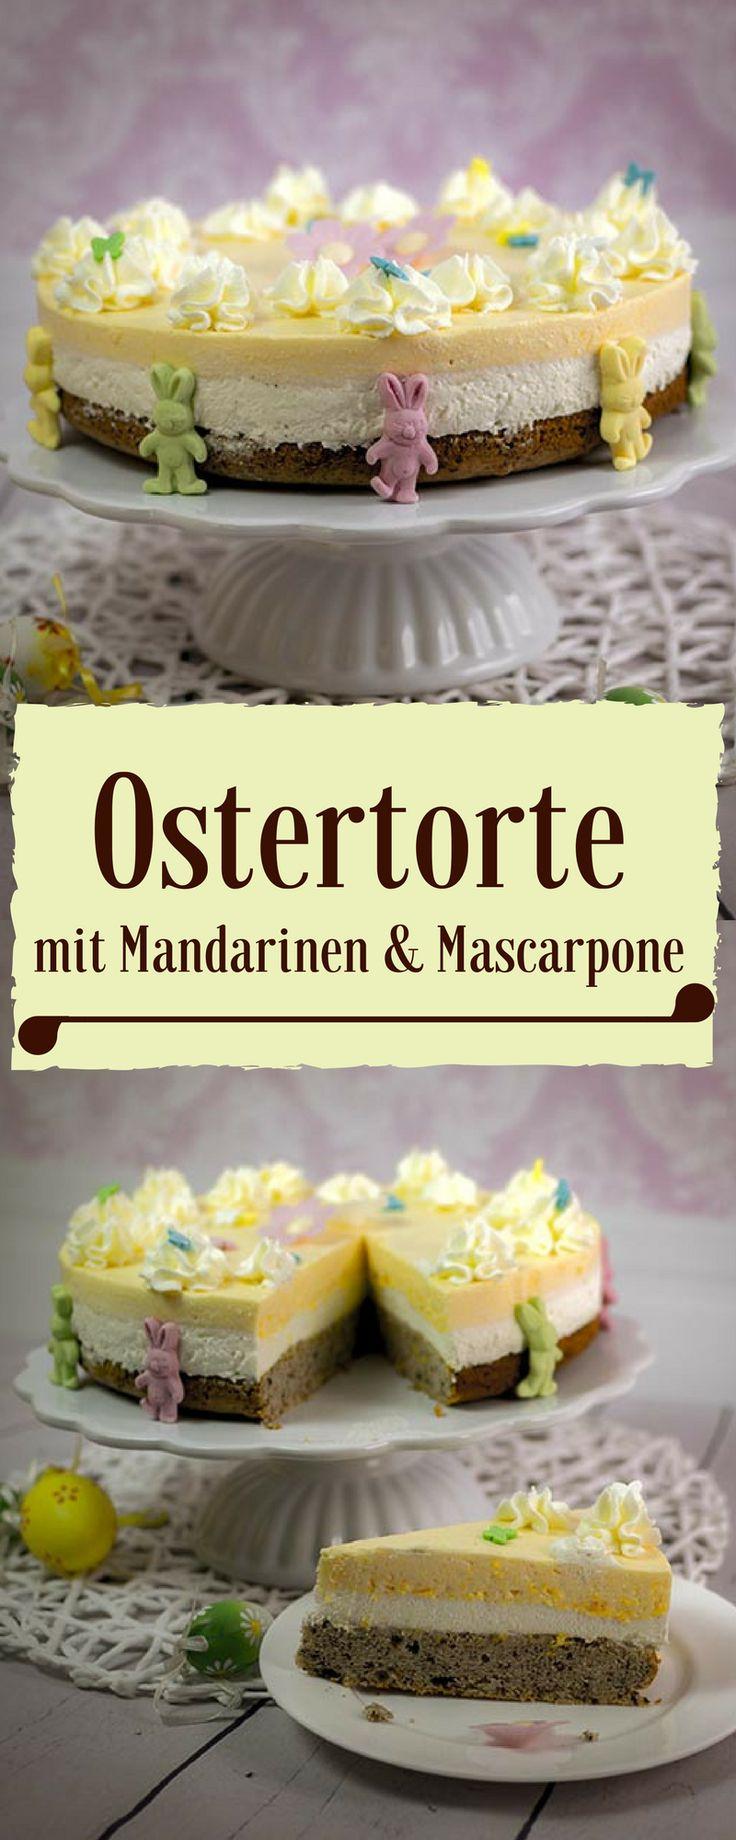 Ostertorte mit Mandarinen, Mascarpone und einem leckeren Schokobiskuitboden